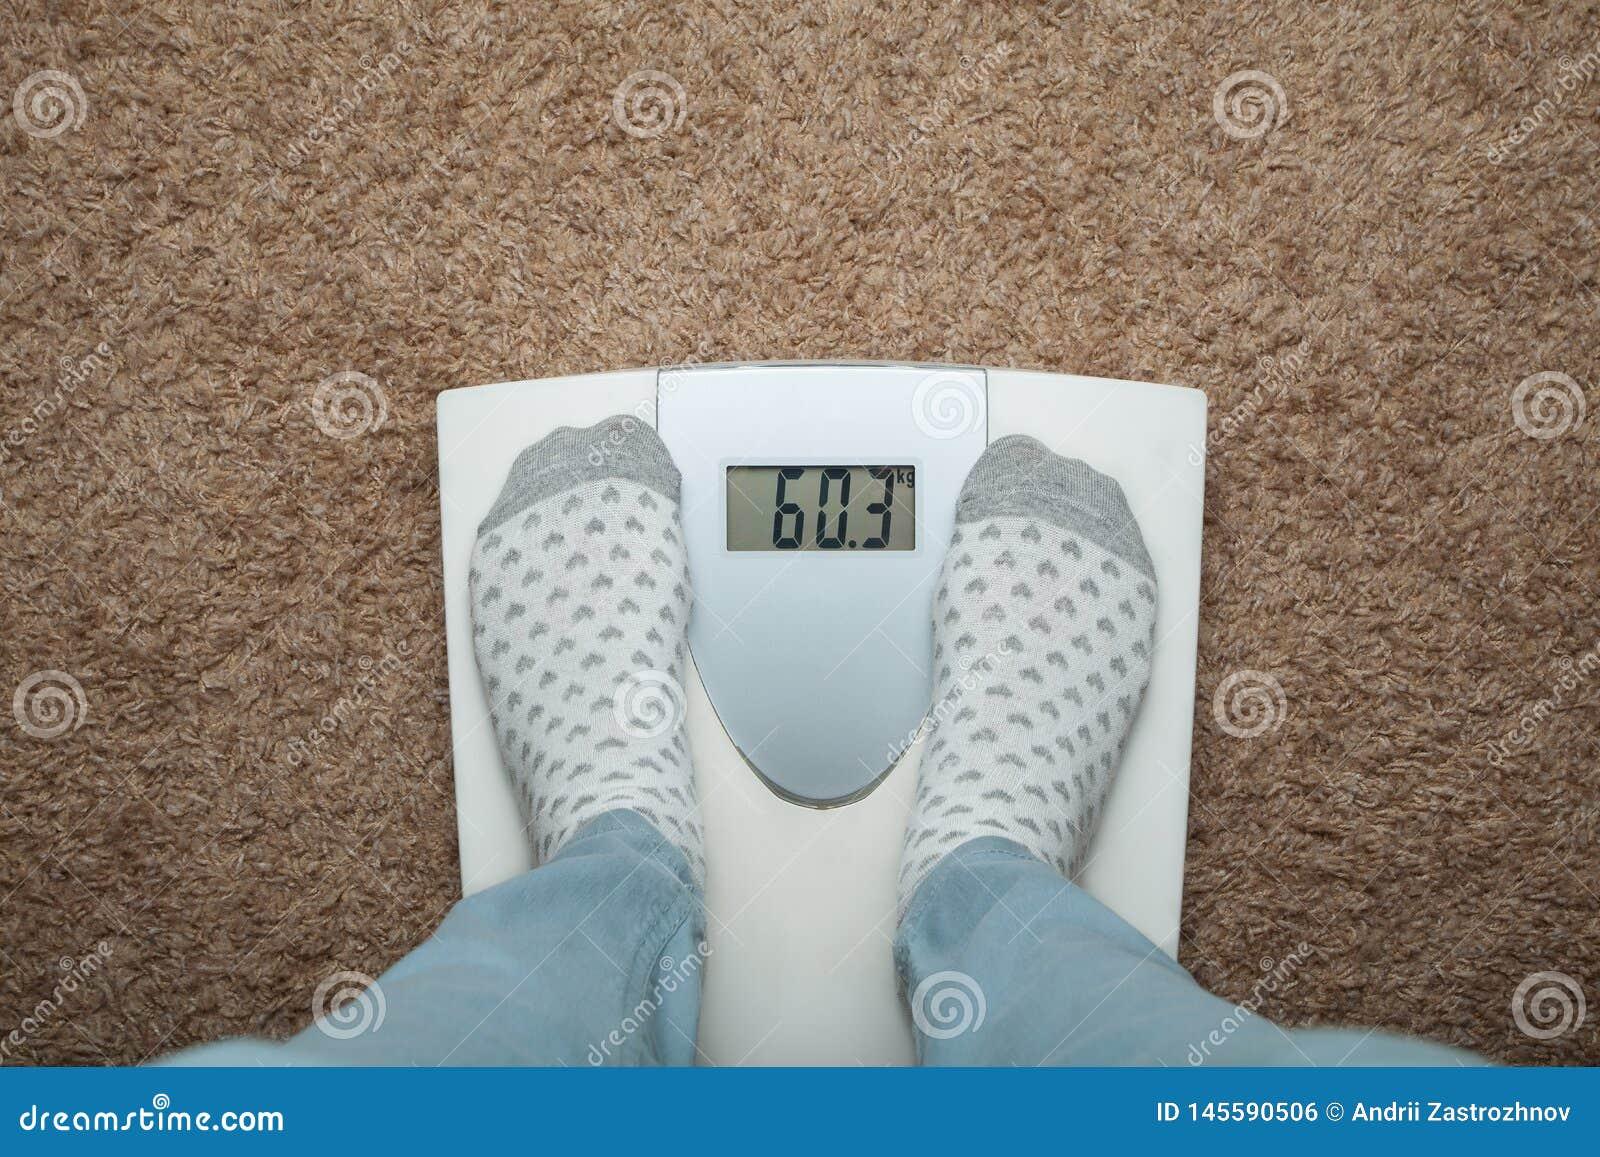 Żeńscy cieki w skarpetach na elektronicznych skalach Nadmierny ciężar i dieta